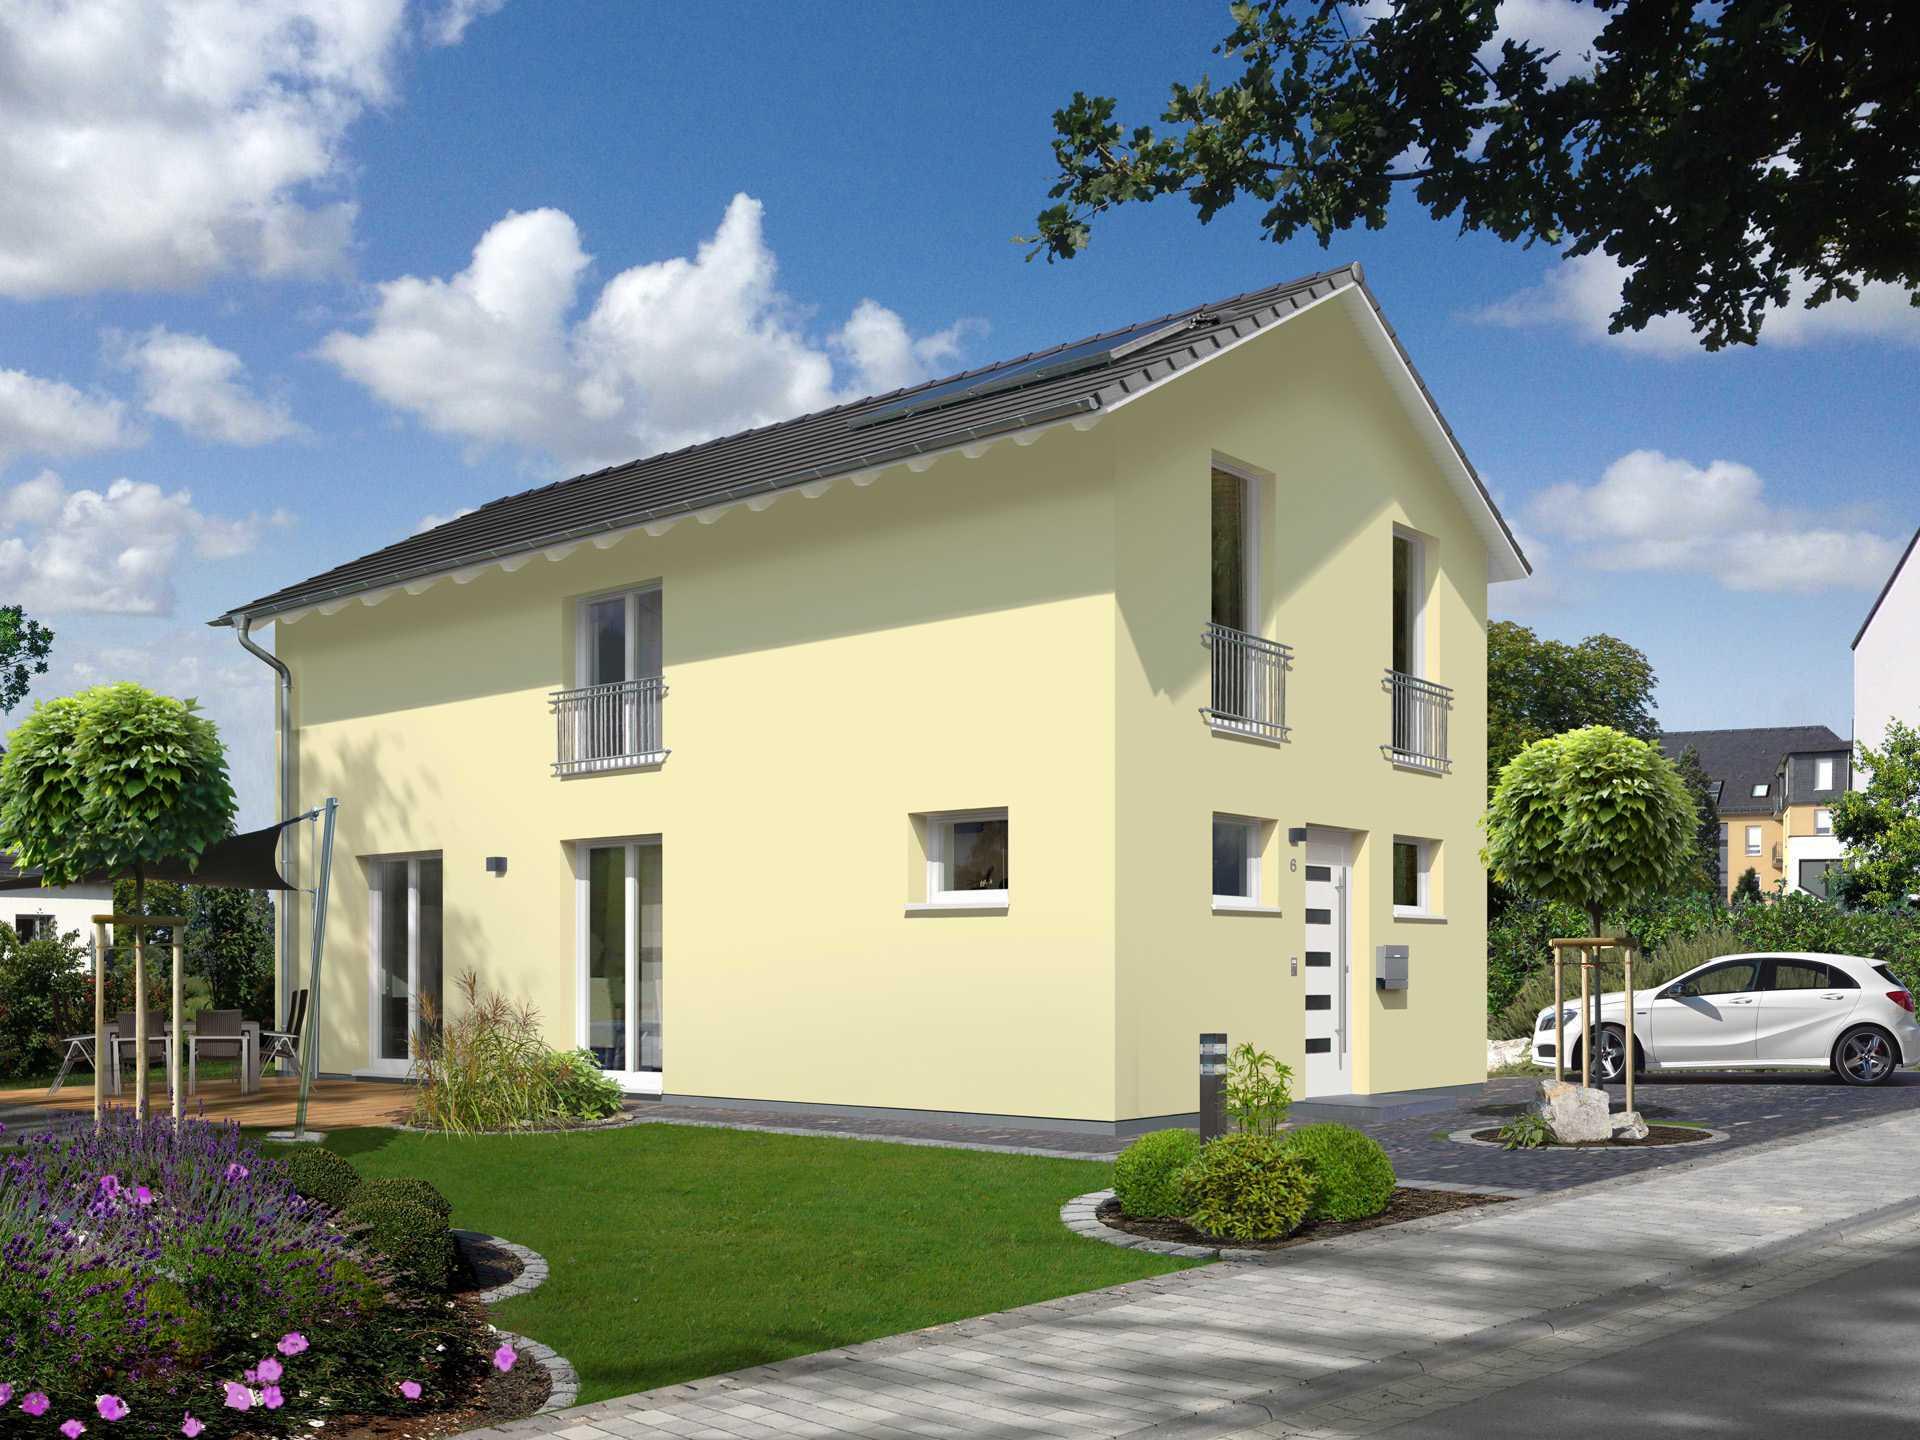 Haus Aura 125 Trend von Hegau Massivbau